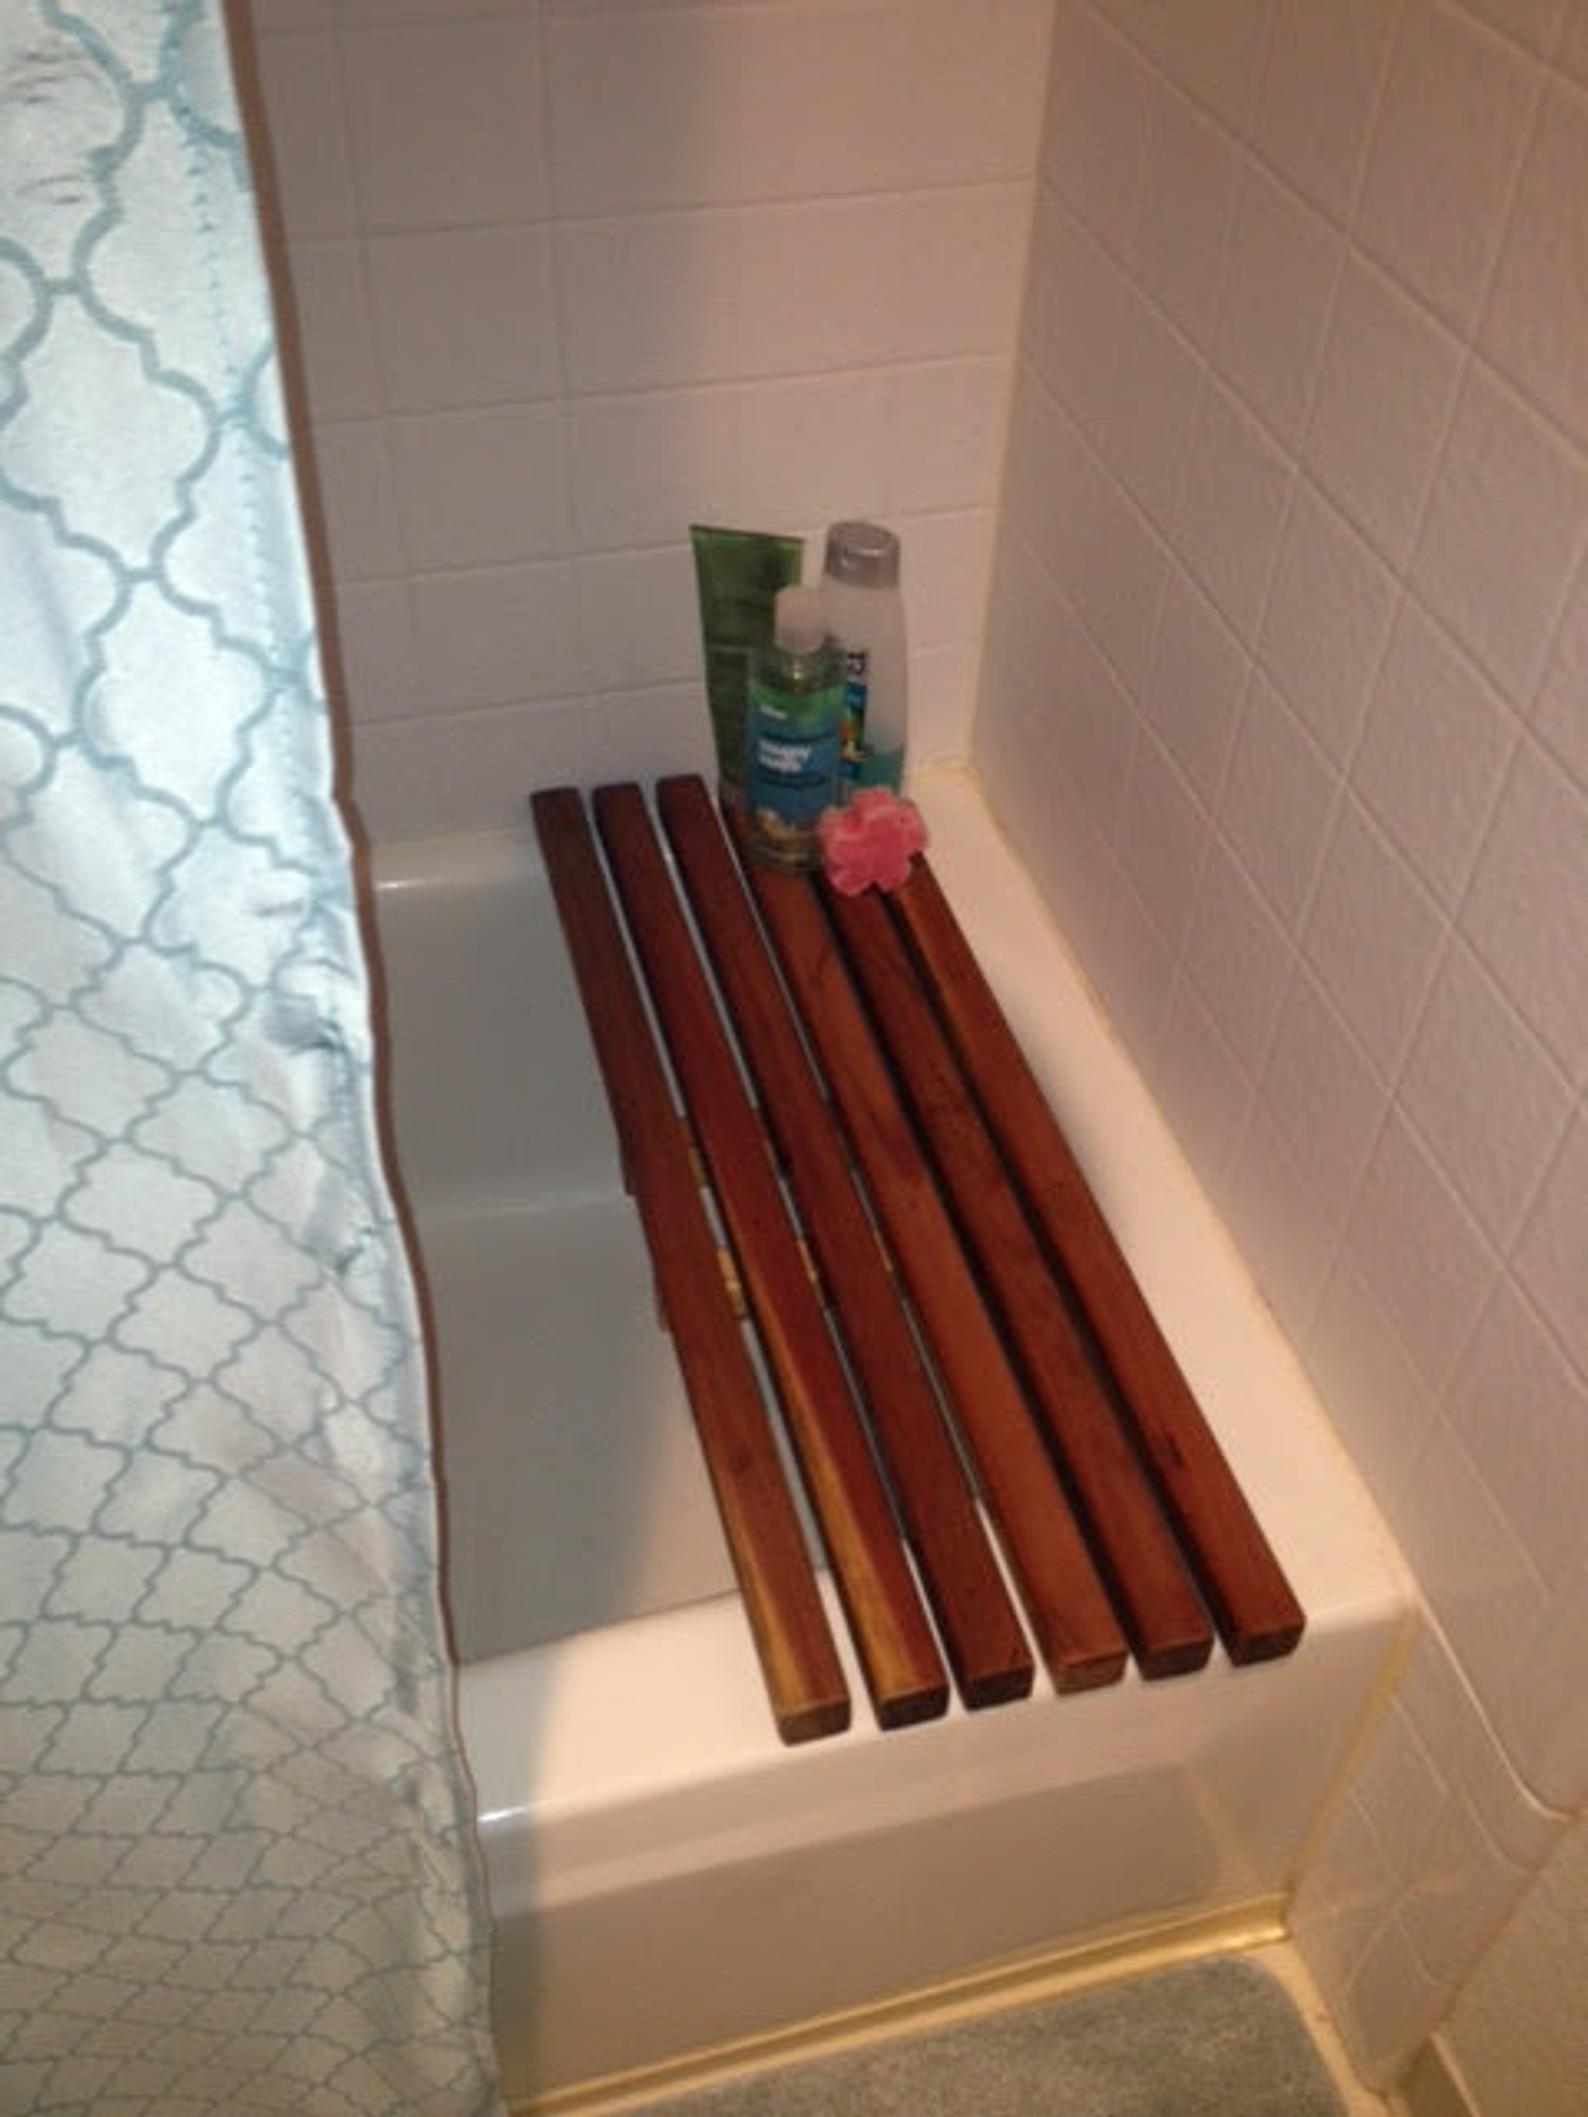 Wooden Bench Bath Tub Bench Bath Tub Tray Bath Tub Caddy Rustic Bath Tub Caddy Spa Bath Tray Rustic Shelf Rack Rustic Caddy Shower Caddy In 2020 Affordable Decor Apartment Projects Diy Spa